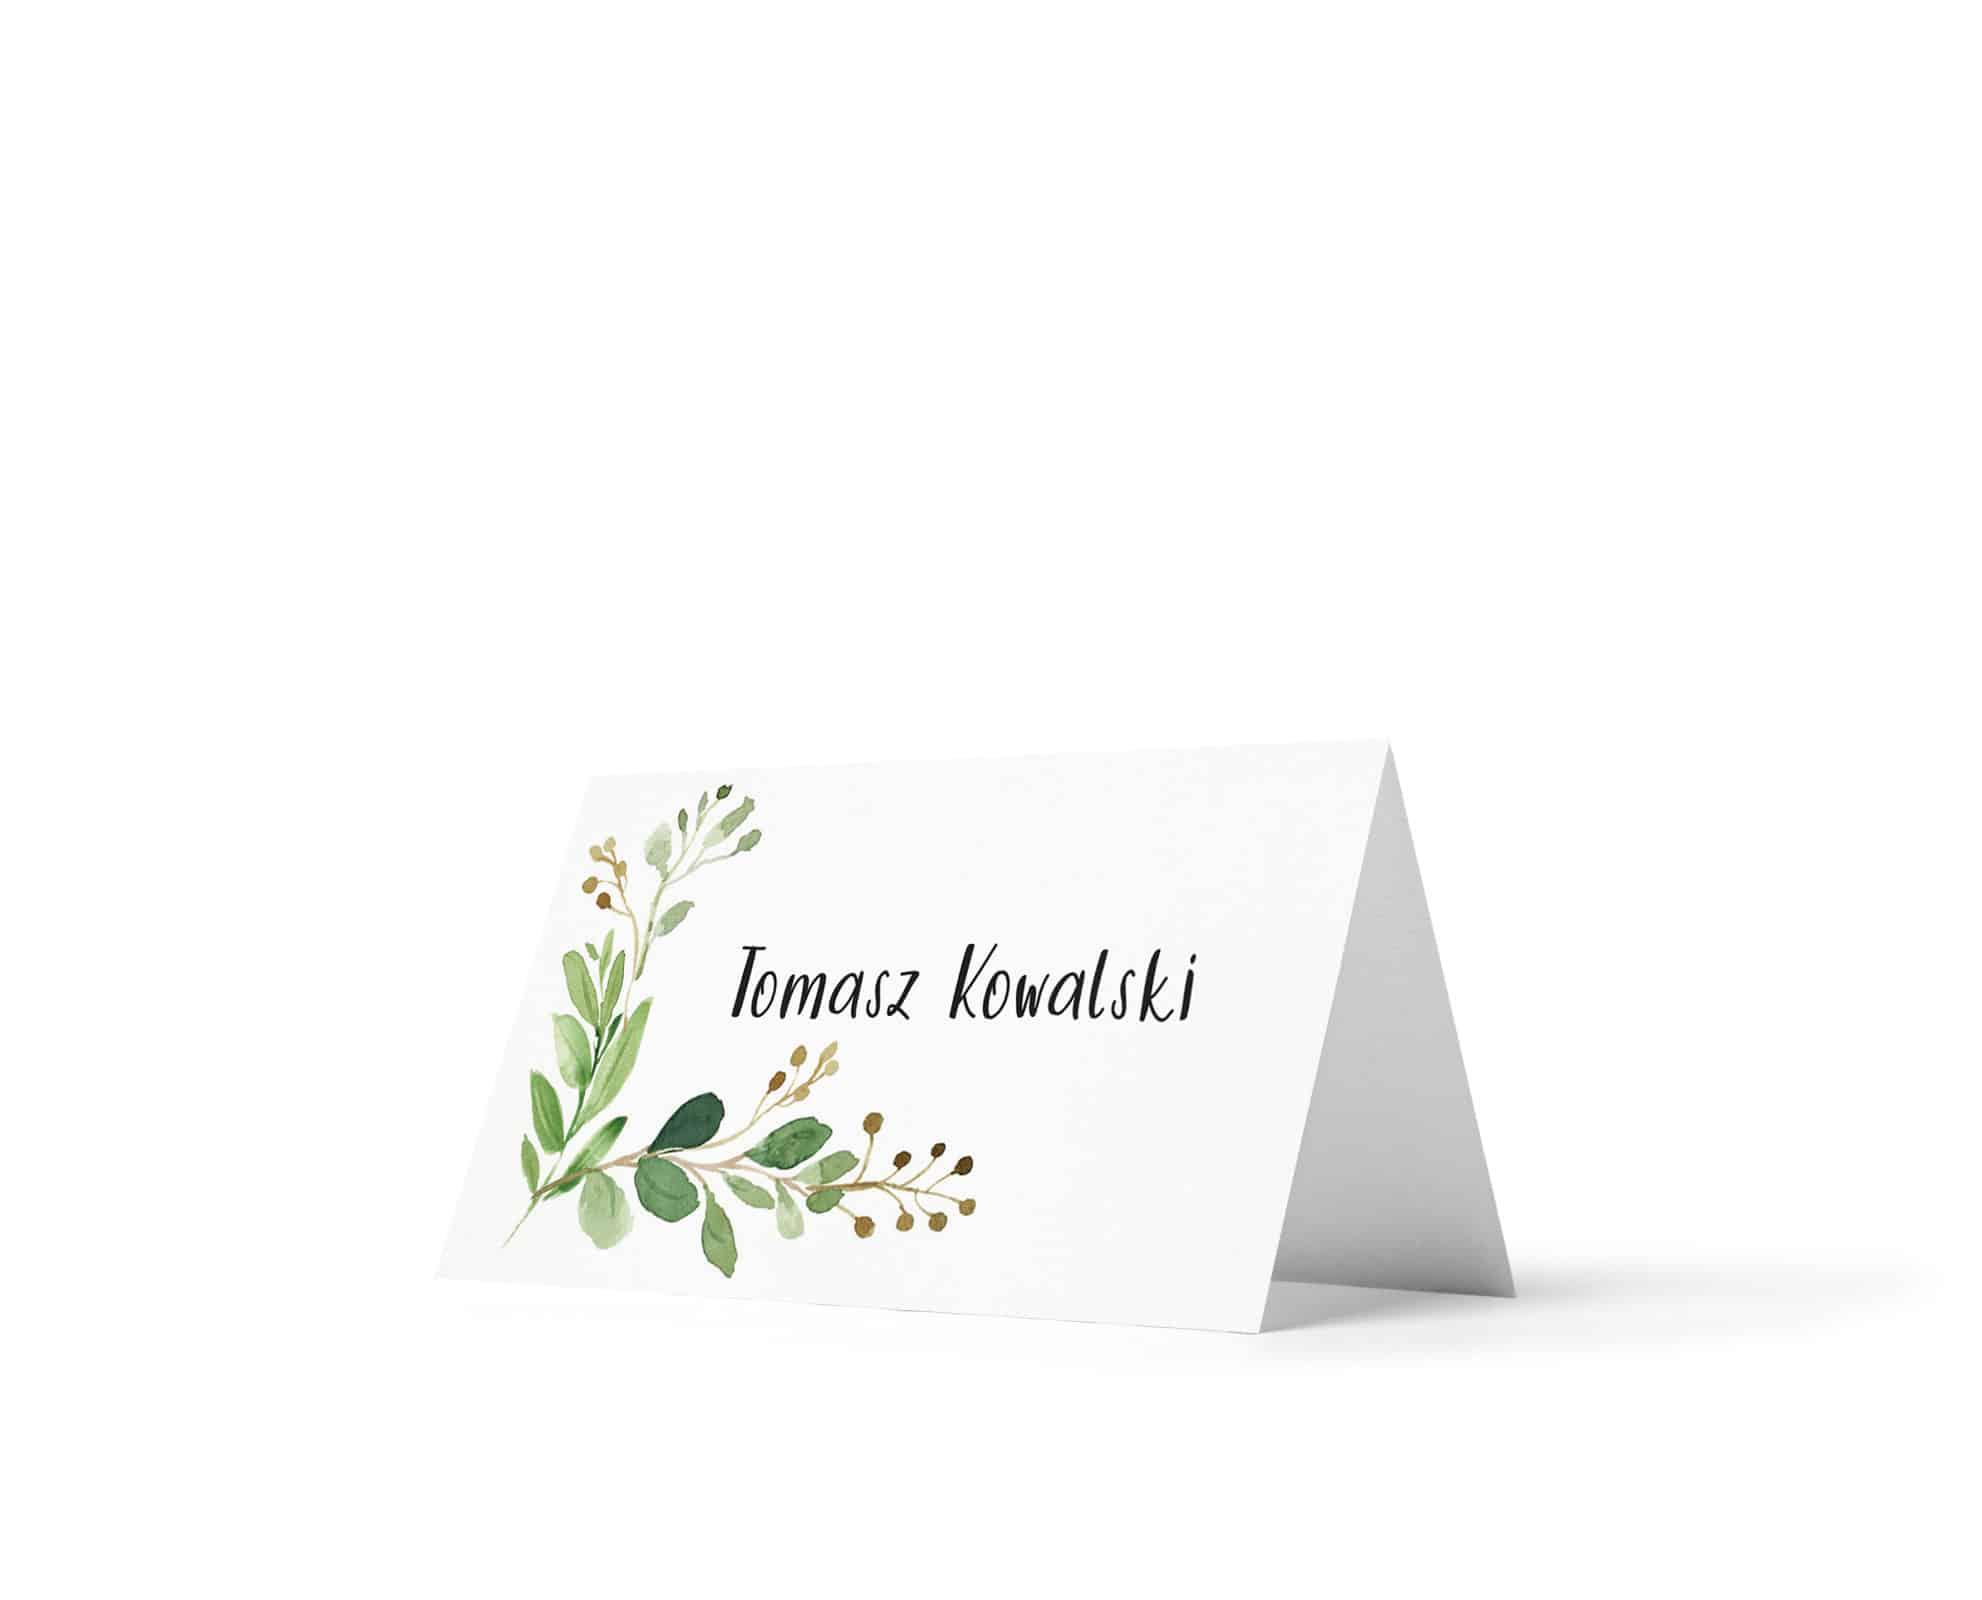 Winietki z ozdobną czcionką, ozdobione zielonymi listkami